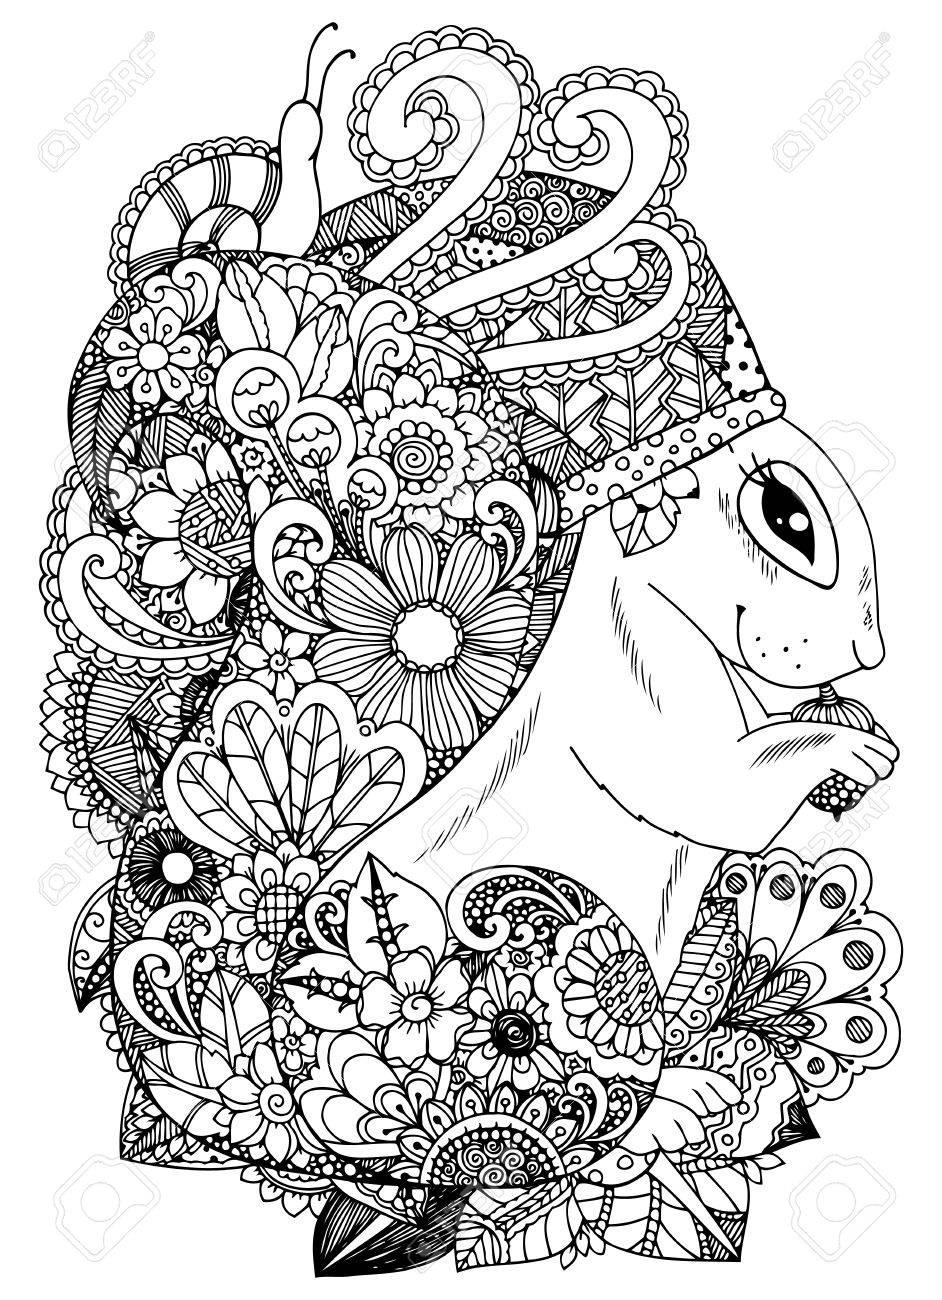 Illustration Vectorielle écureuil Aux Fleurs Dessin De Griffonnage